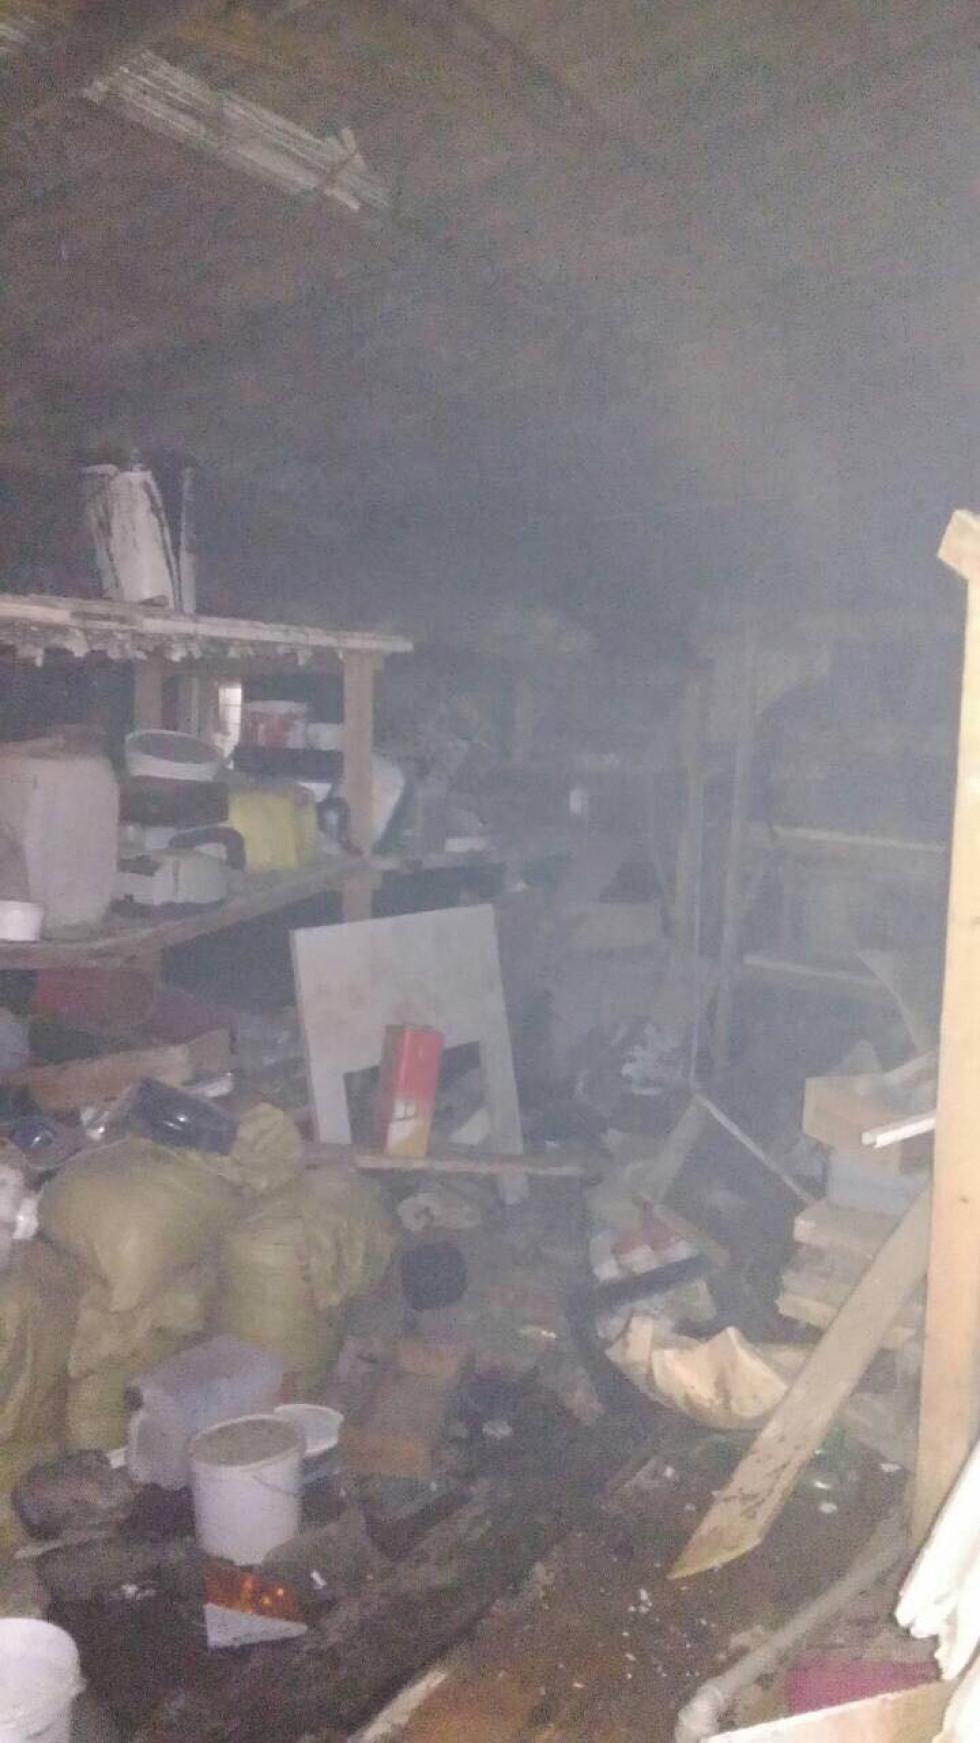 Складське приміщення після пожежі